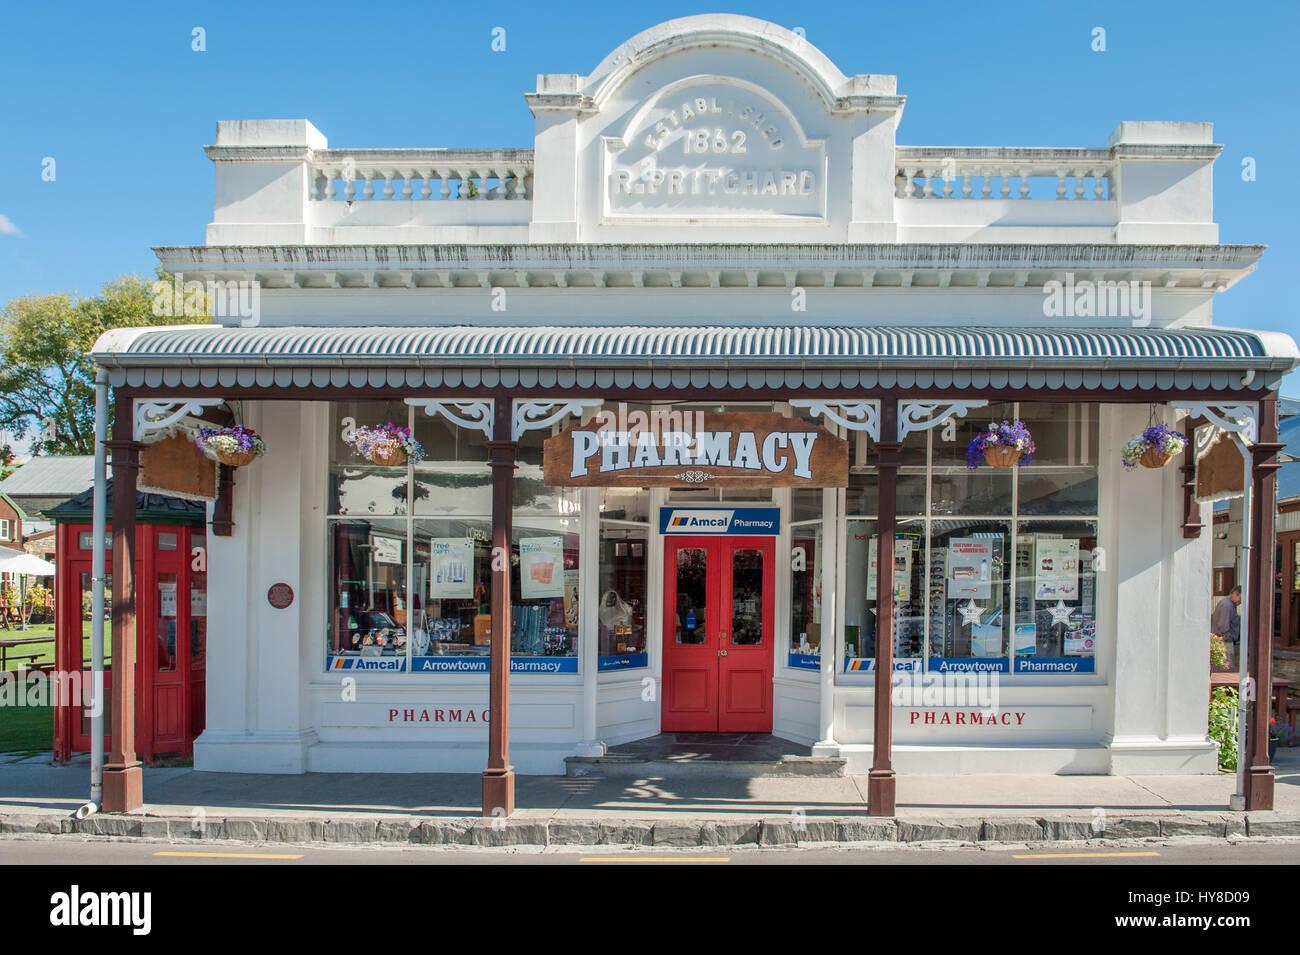 Sofia est une ville minière d'or historique près de Queenstown en Central Otago, Nouvelle-Zélande. Banque D'Images